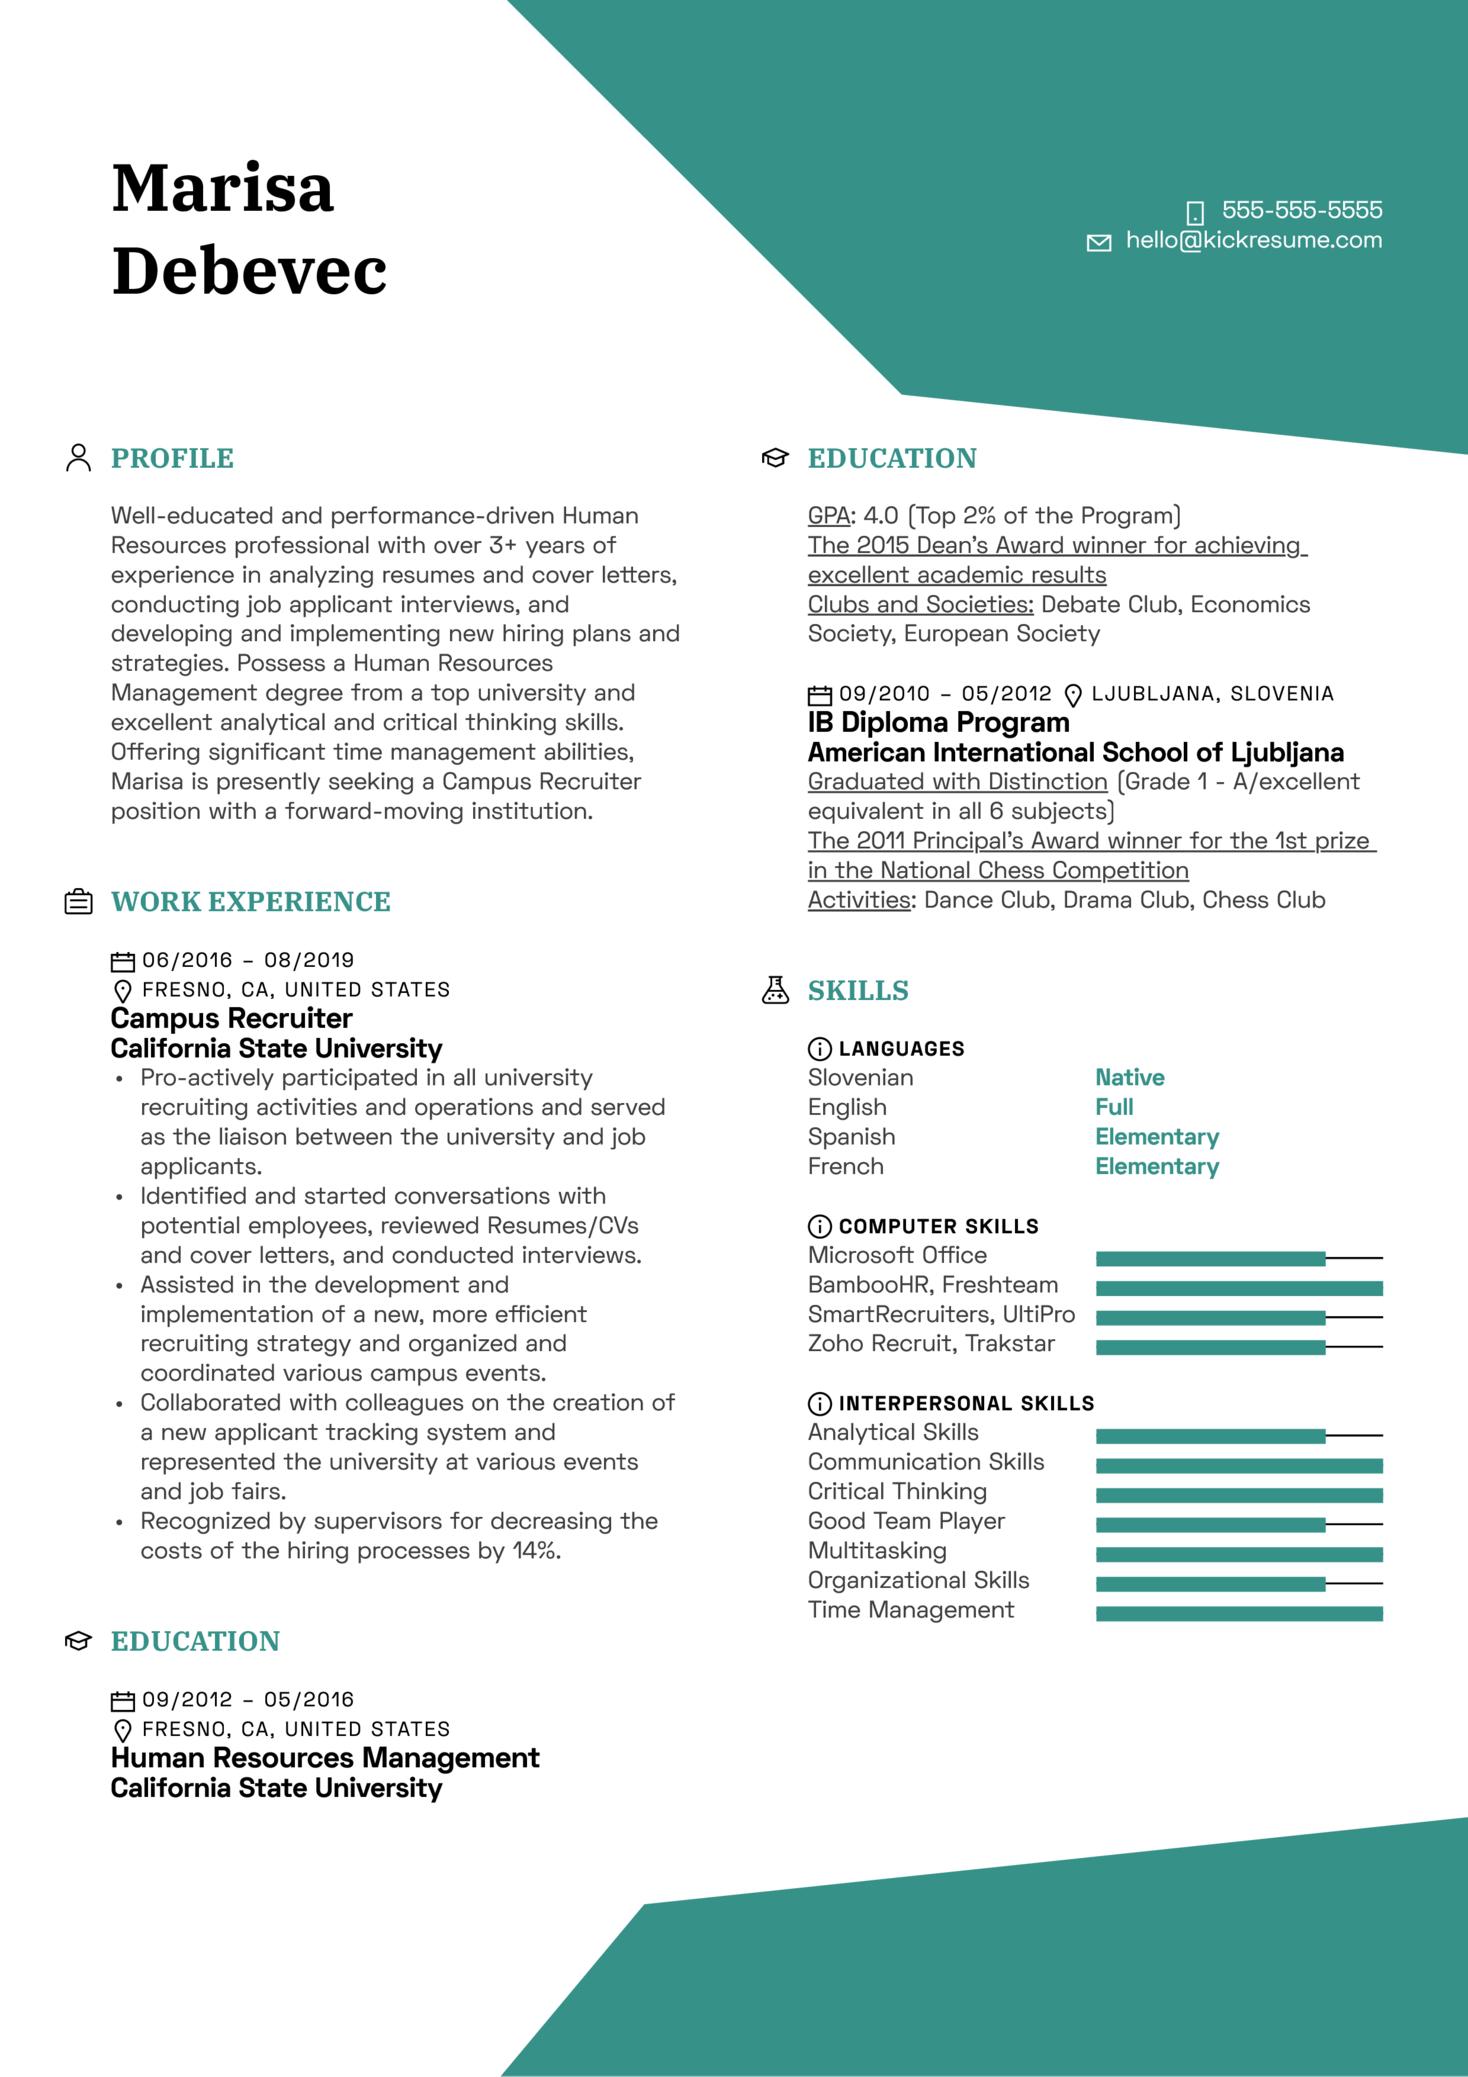 Campus Recruiter Resume Example (Teil 1)